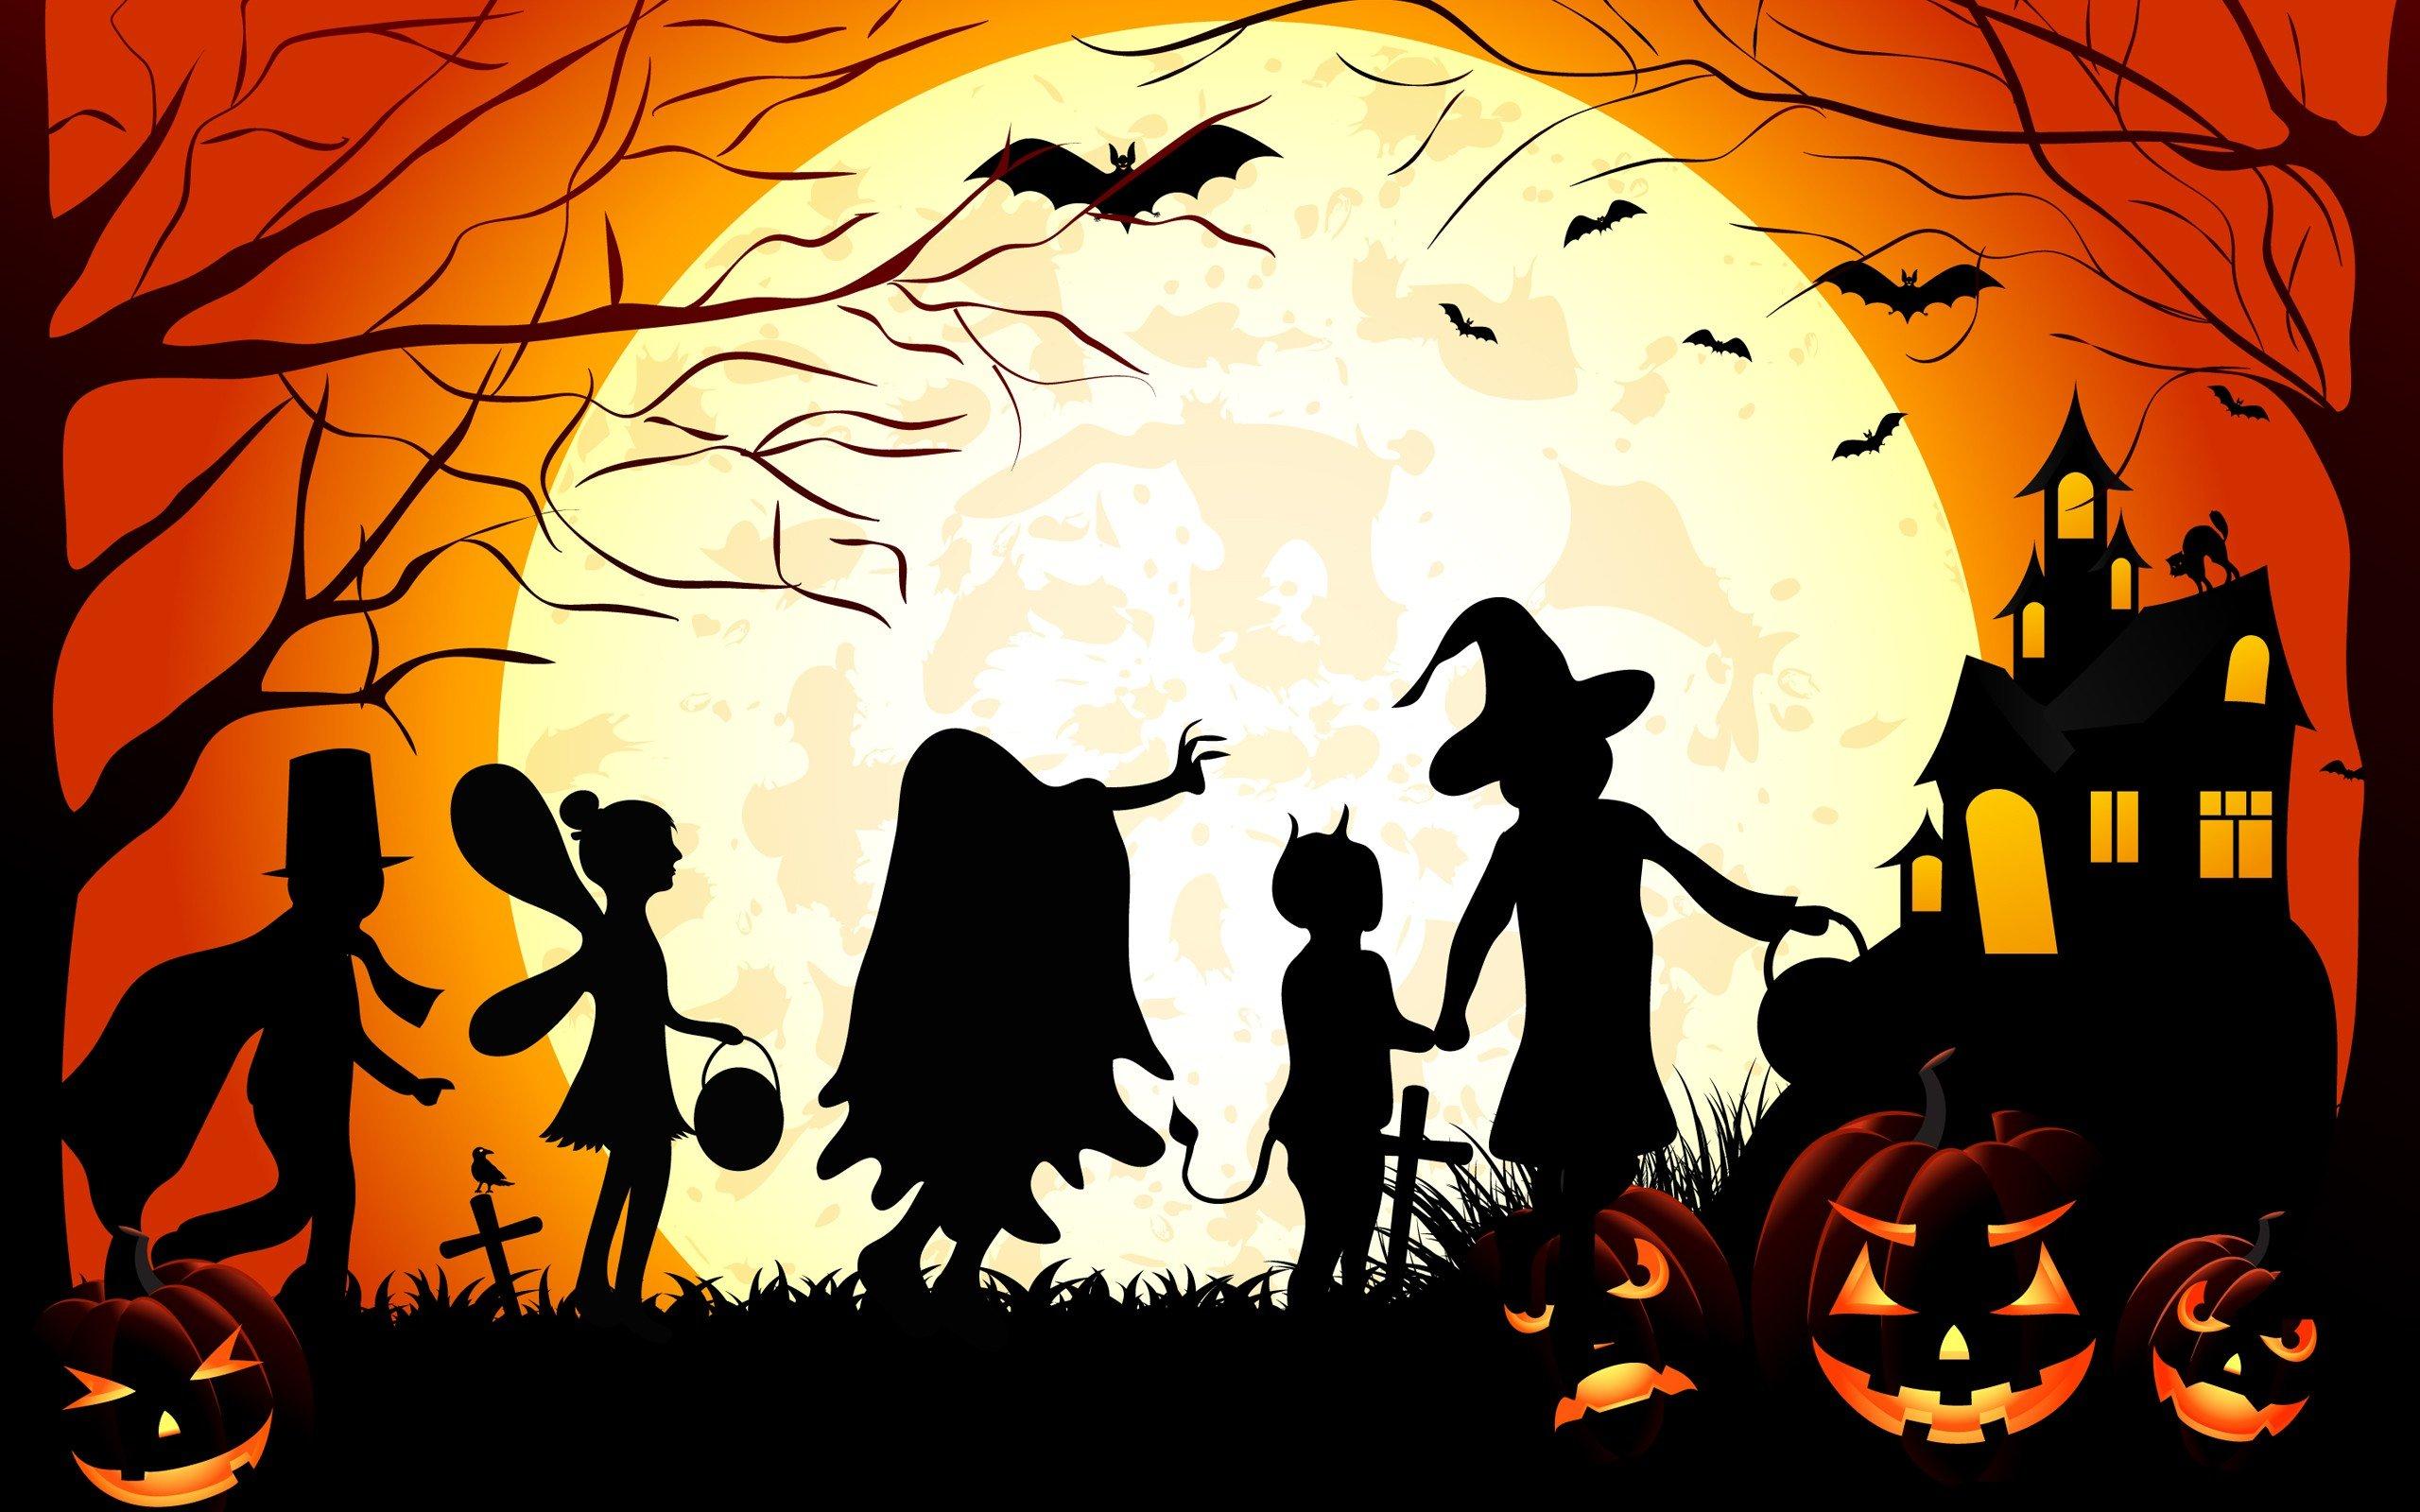 хэллоуин картинки на весь лист для мамы